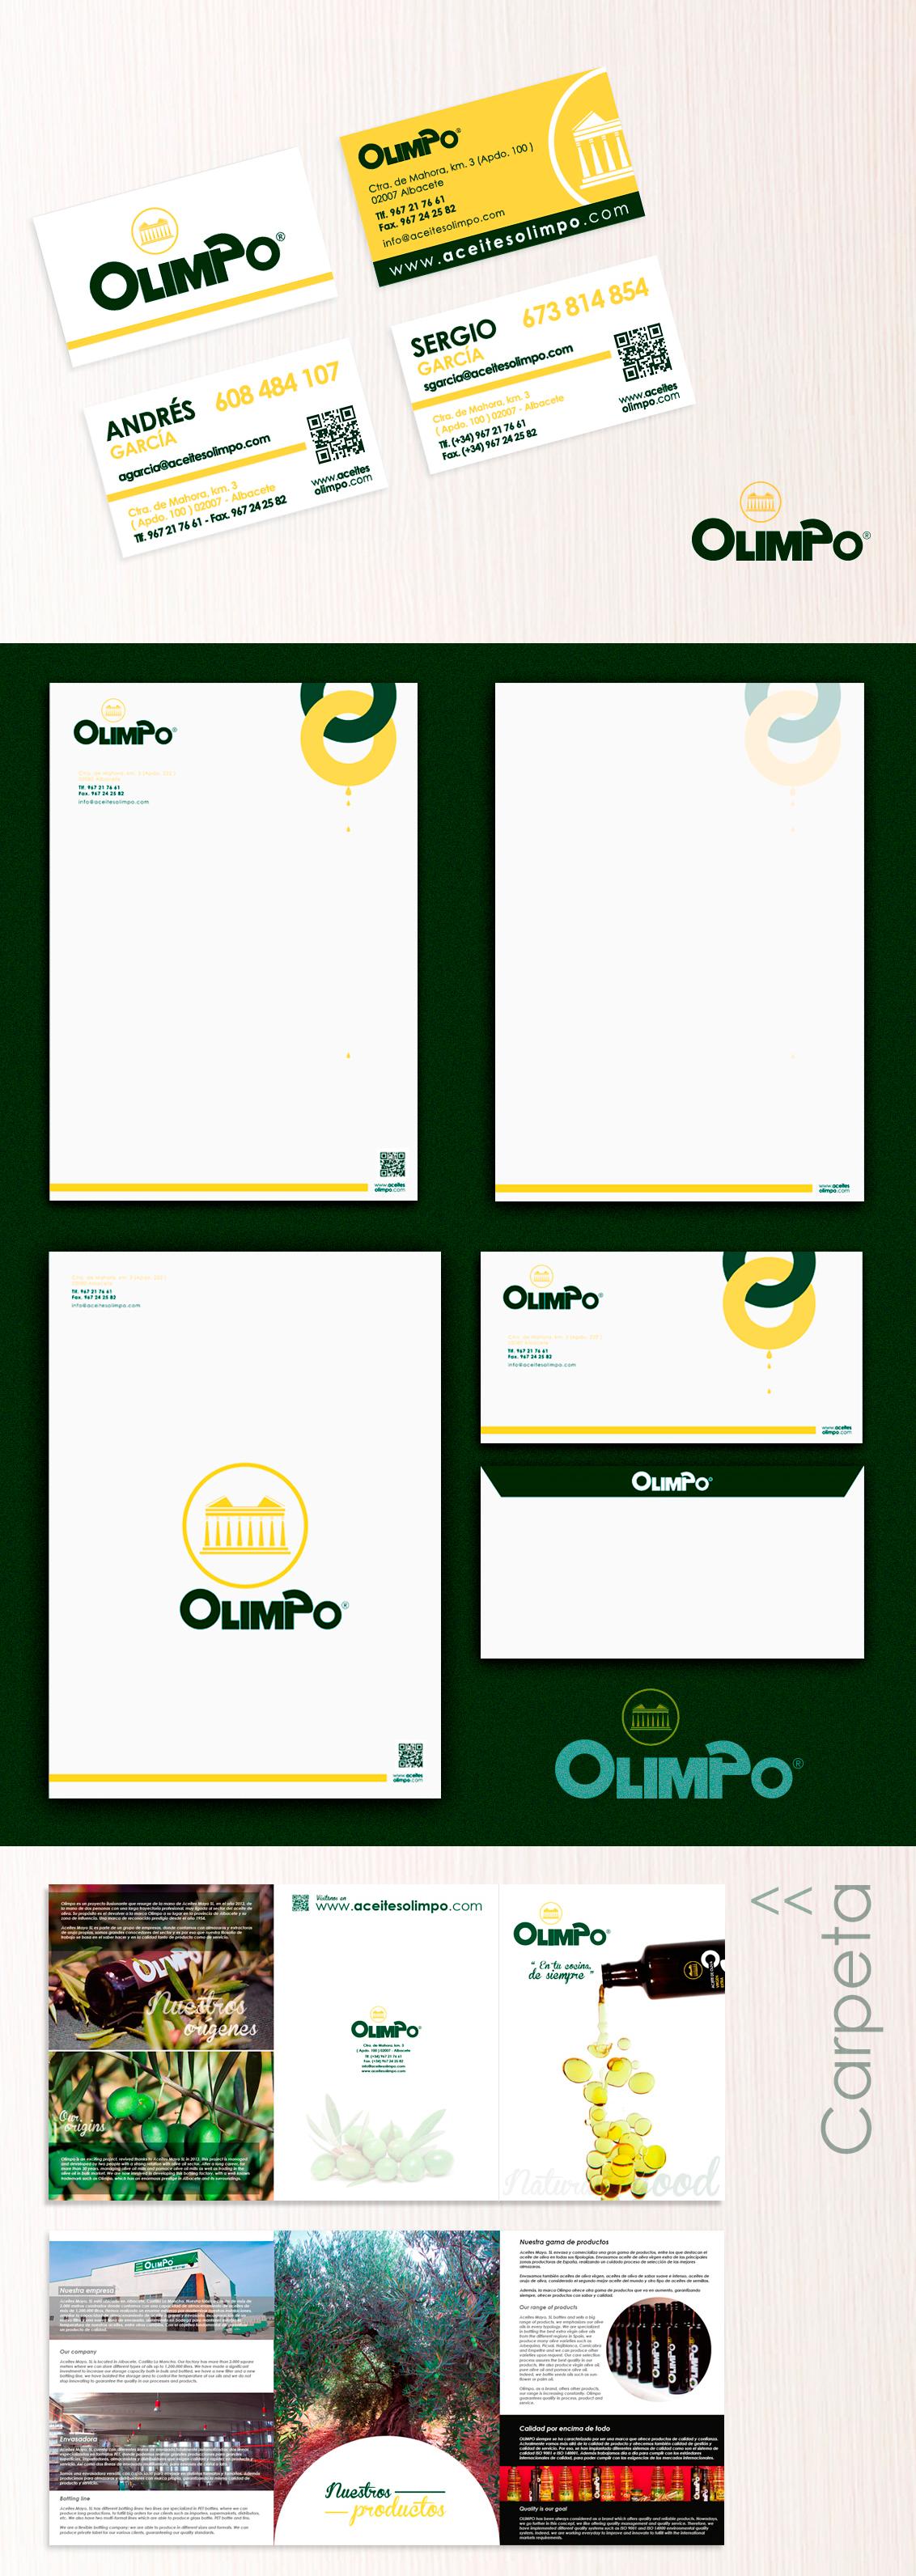 Diseño gráfico Albacete, diseño de imagen corporativa Olimpo, diseño grafico, branding, diseño de fichas, diseño etiquetas aceites Olimpo